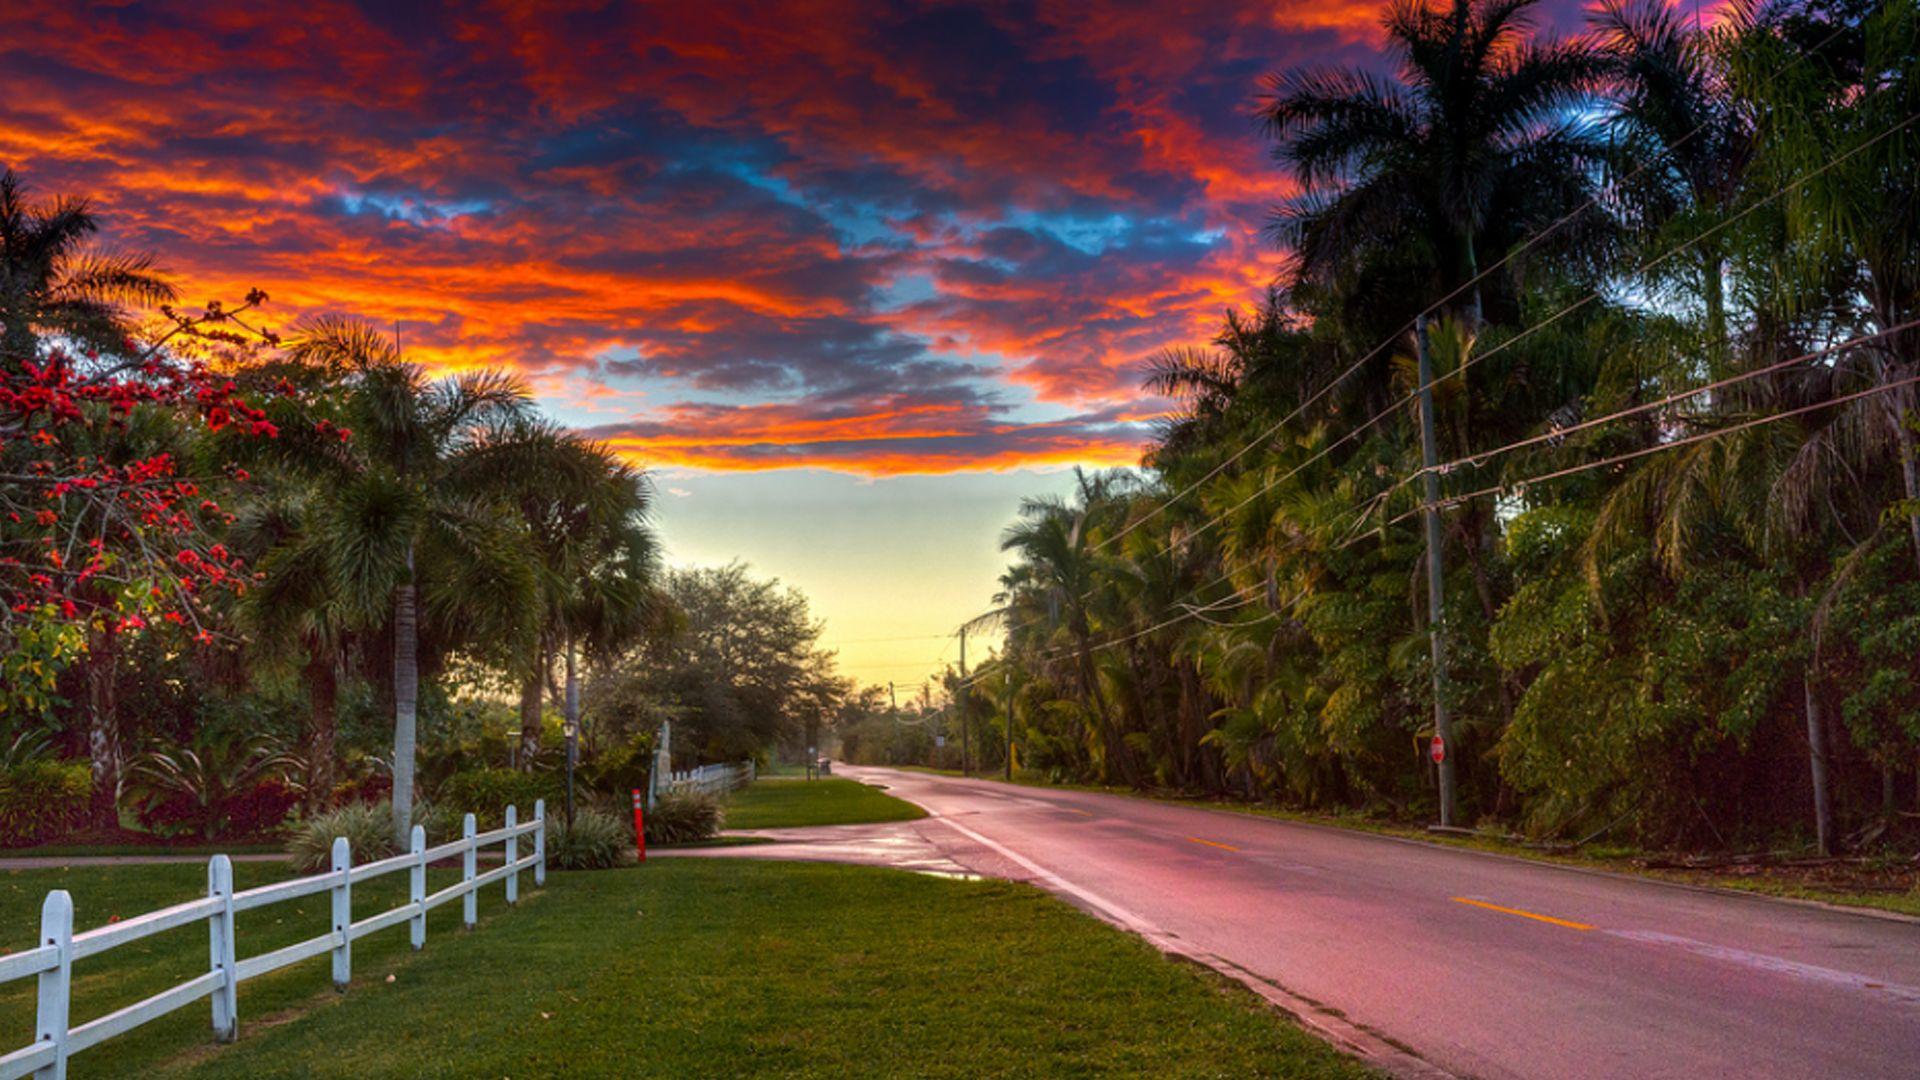 Florida Sunset [1920x1080]